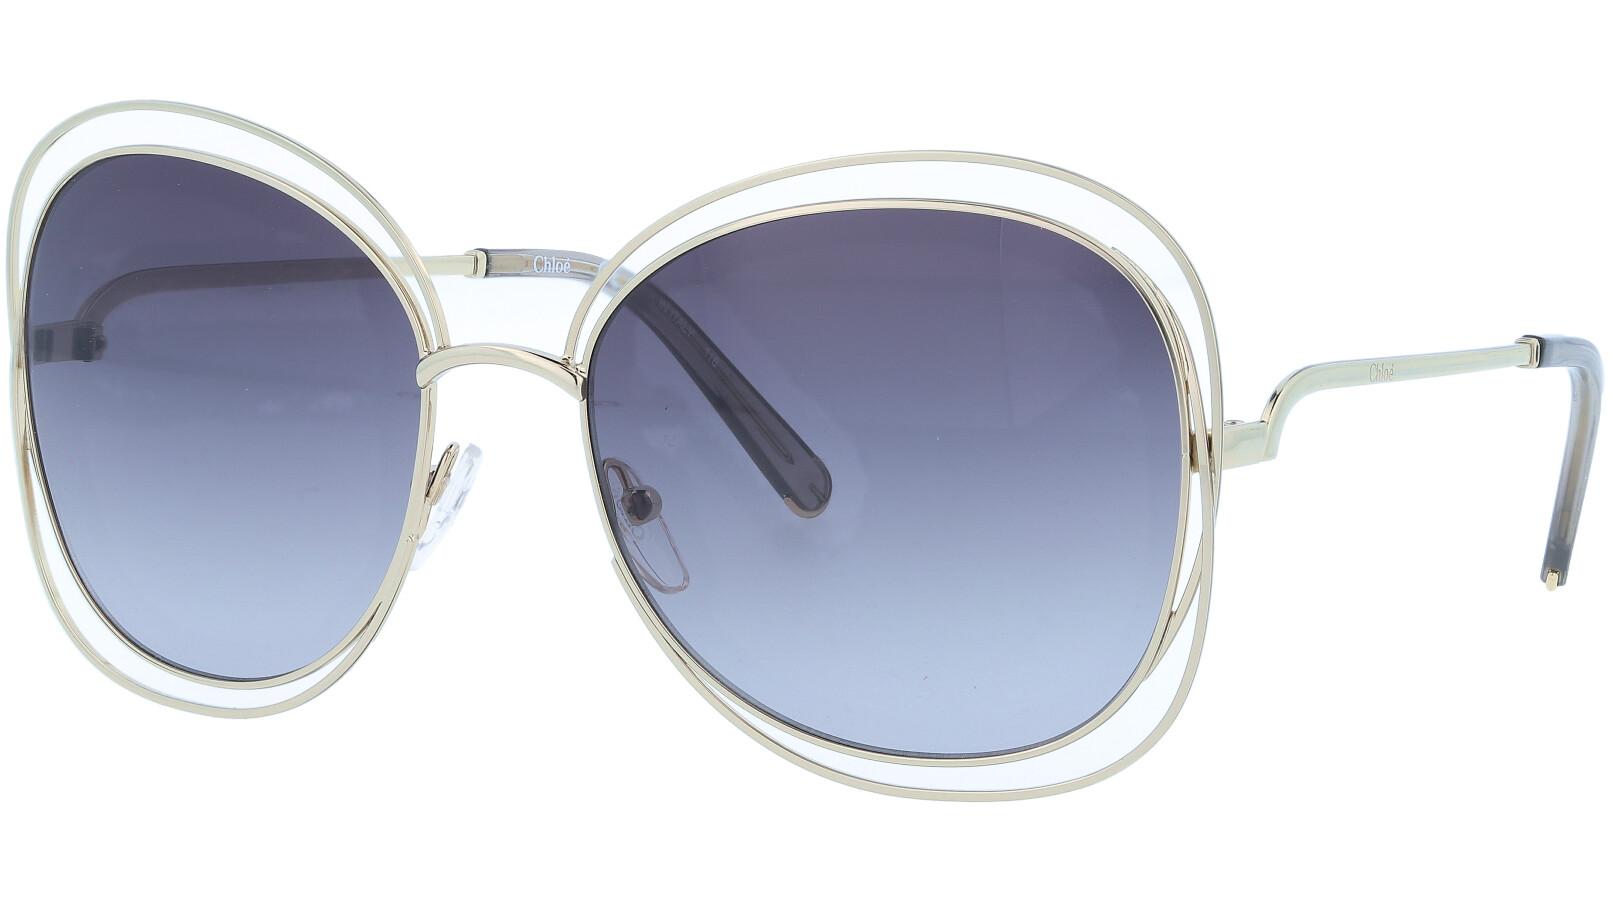 Chloé CE119S 786 60 Rose Gold Carlina Aviator Sunglasses